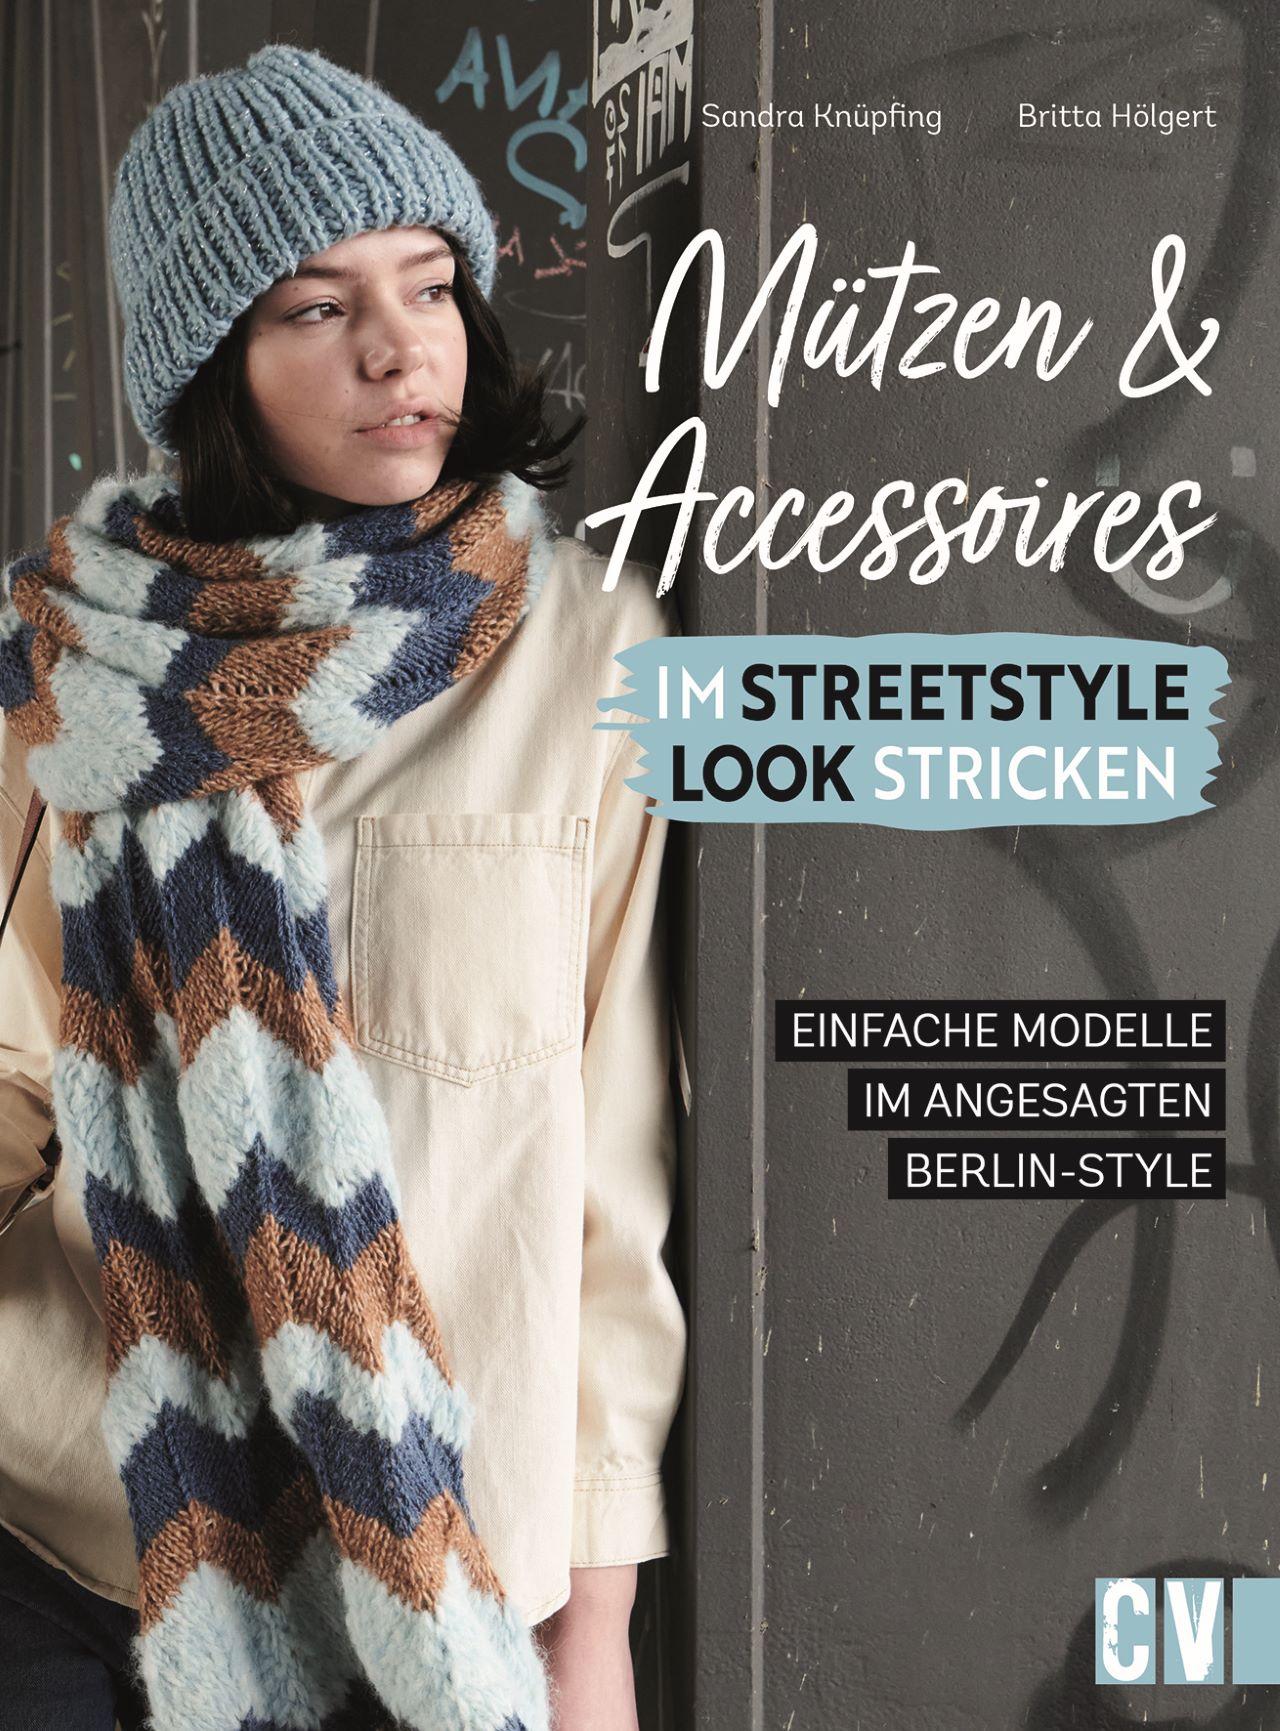 Mützen und Accessoires im Streetstyle Look stricken thumbnail